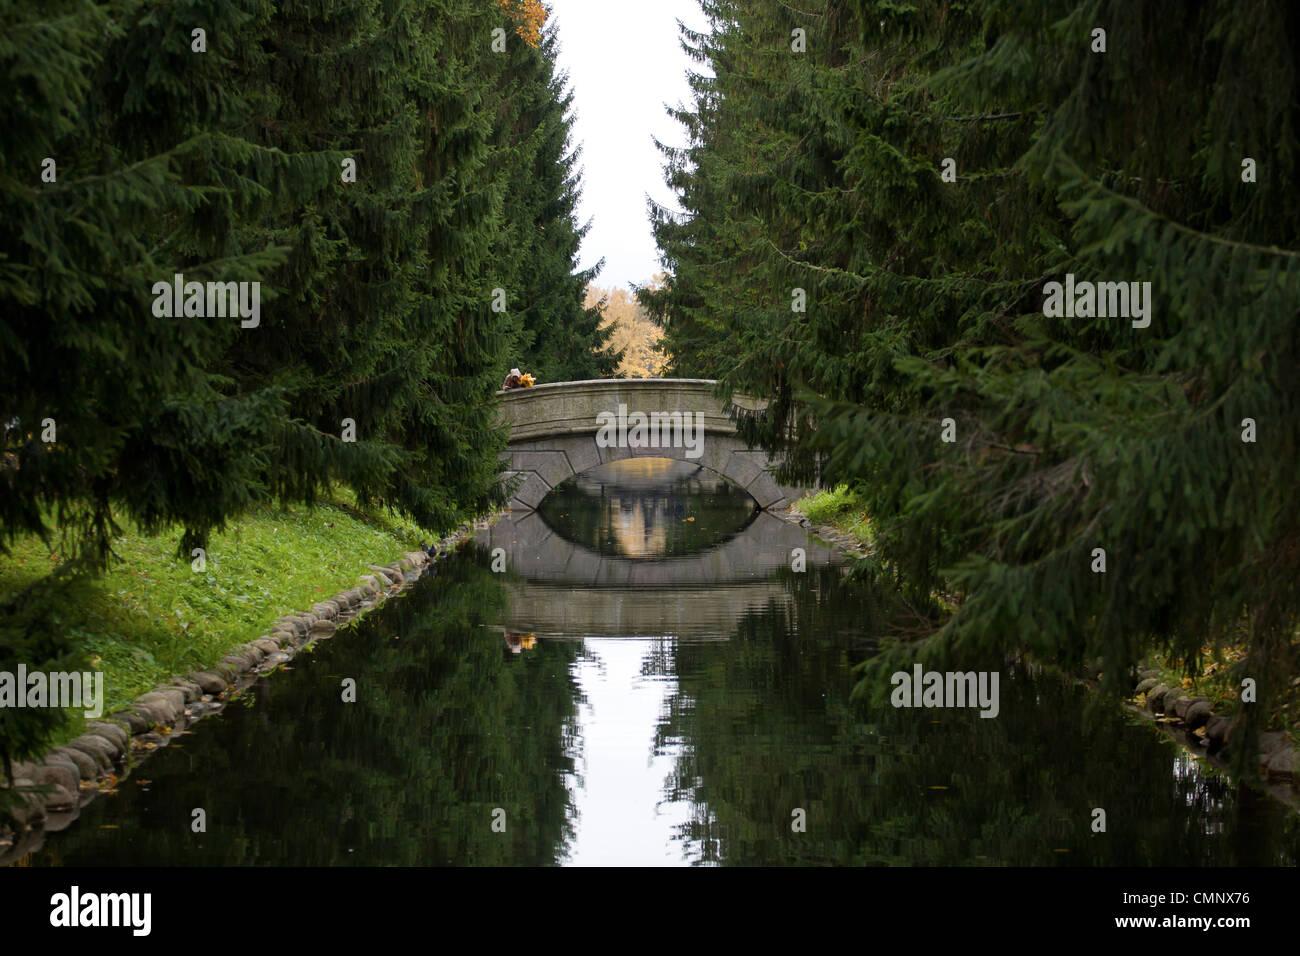 The Catherine Park, Tsarskoye Selo, Pushkin, near St. Petersburg, Russia, Europe - Stock Image